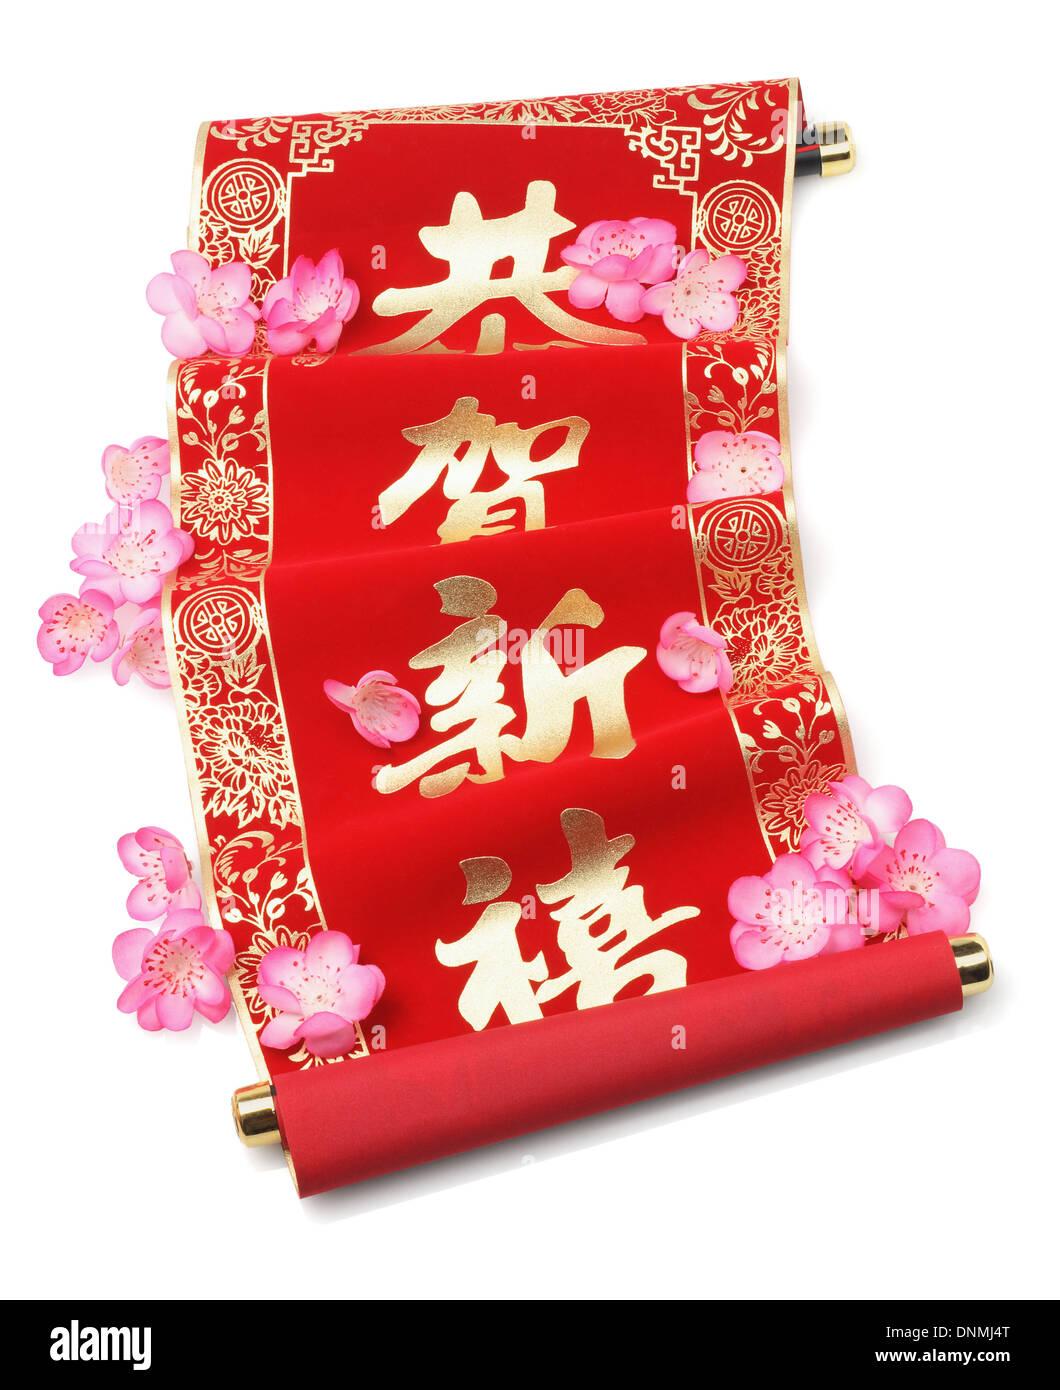 Chinese New Year Schriftrolle mit Weihnachtsgrüßen und Plum Blossom ...